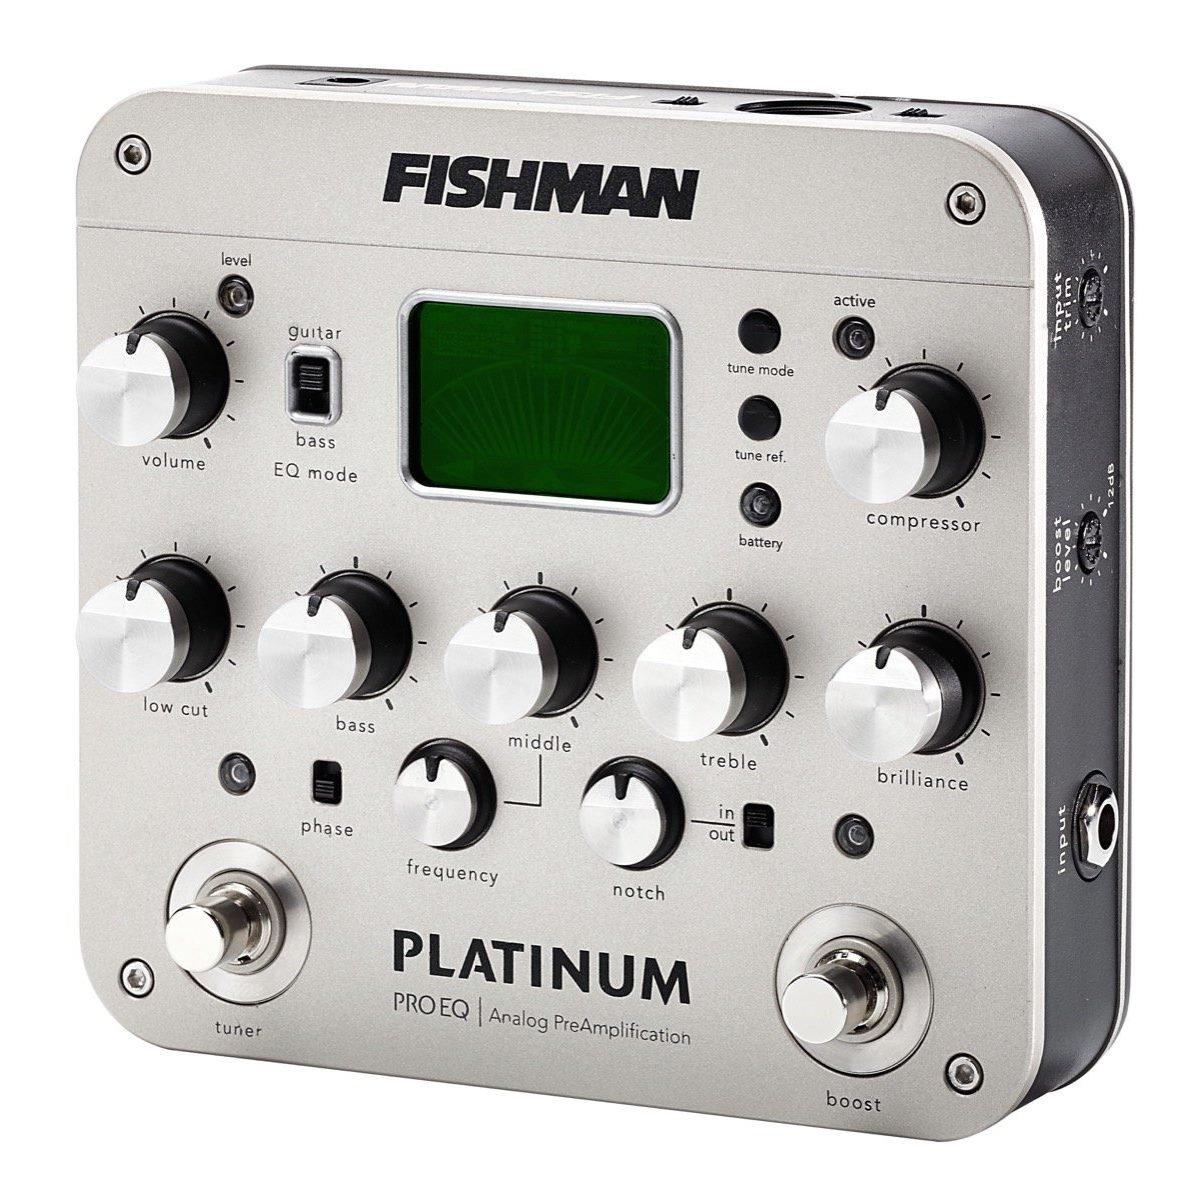 Fishman Platinum Pro EQ/DI Analog Preamp Pedal